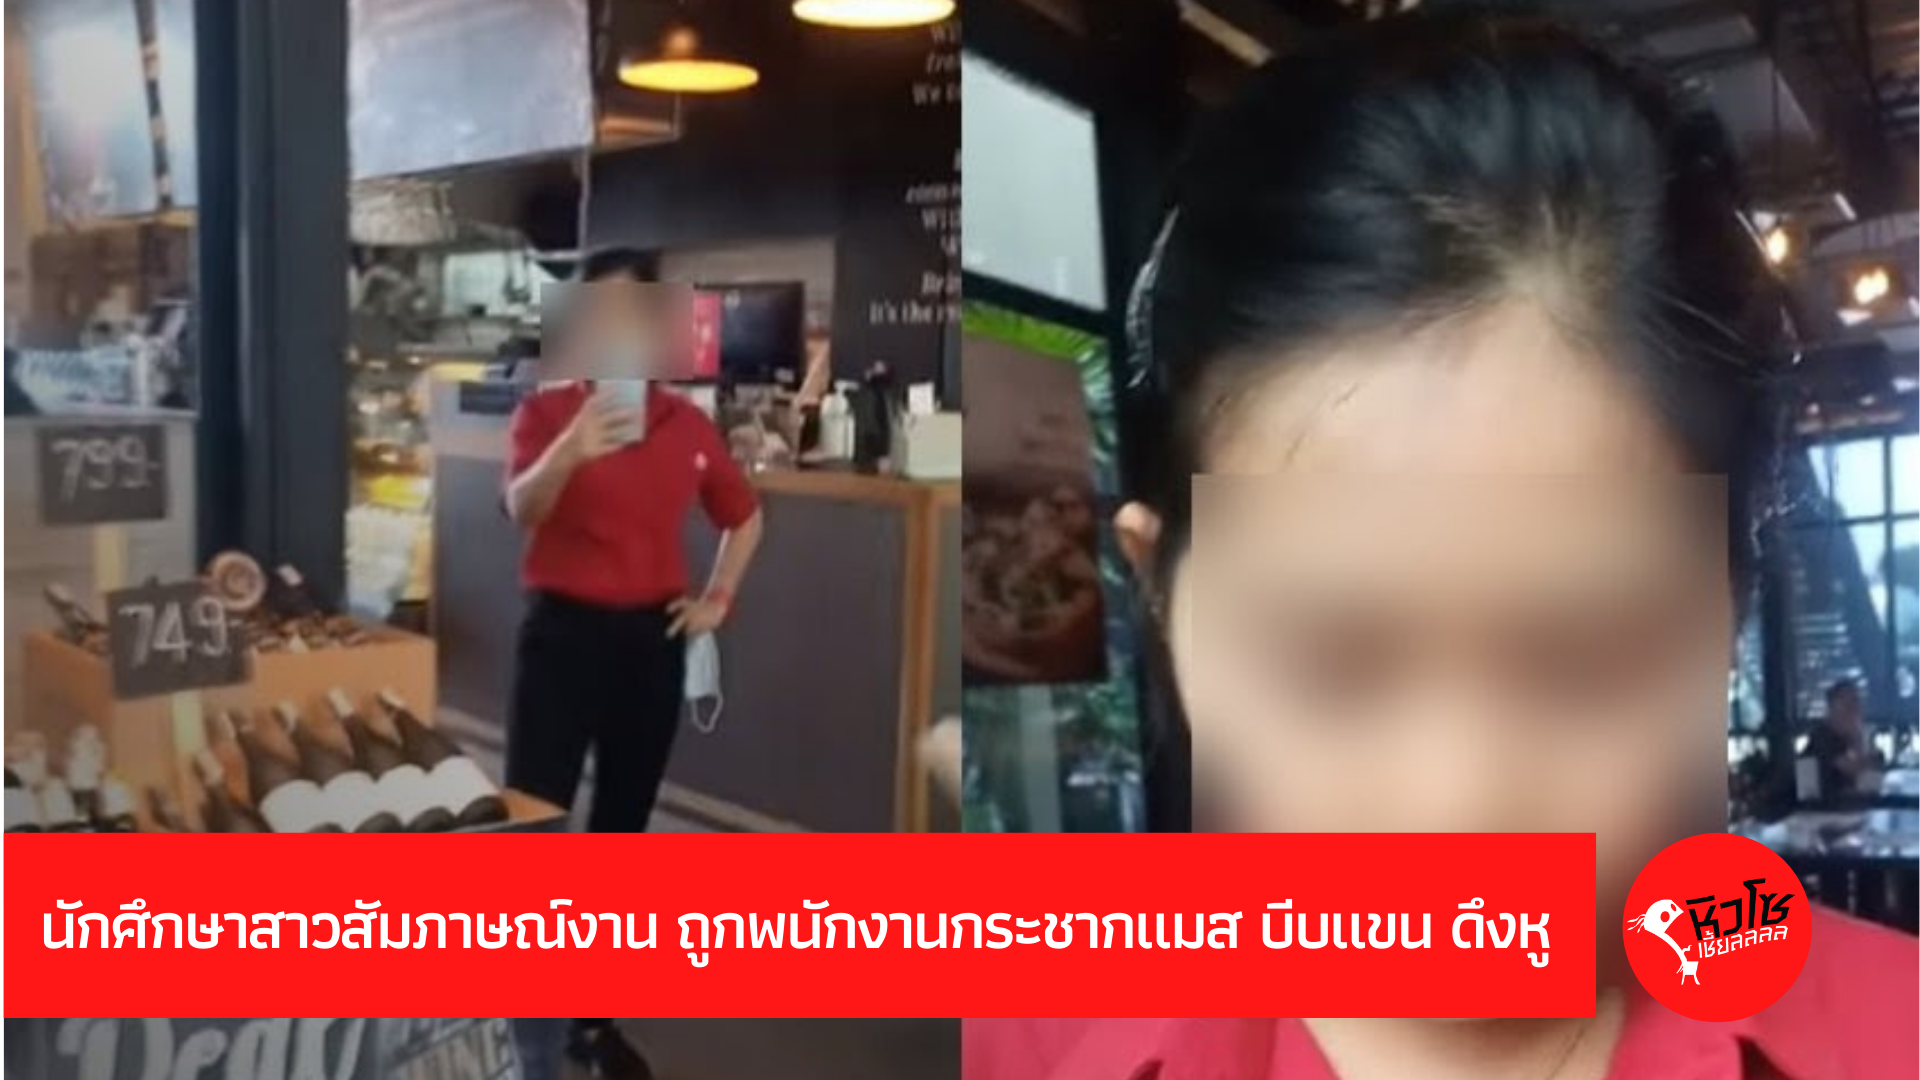 นักศึกษาสาวสัมภาษณ์งาน ถูกพนักงานกระชากแมส บีบแขน ดึงหู